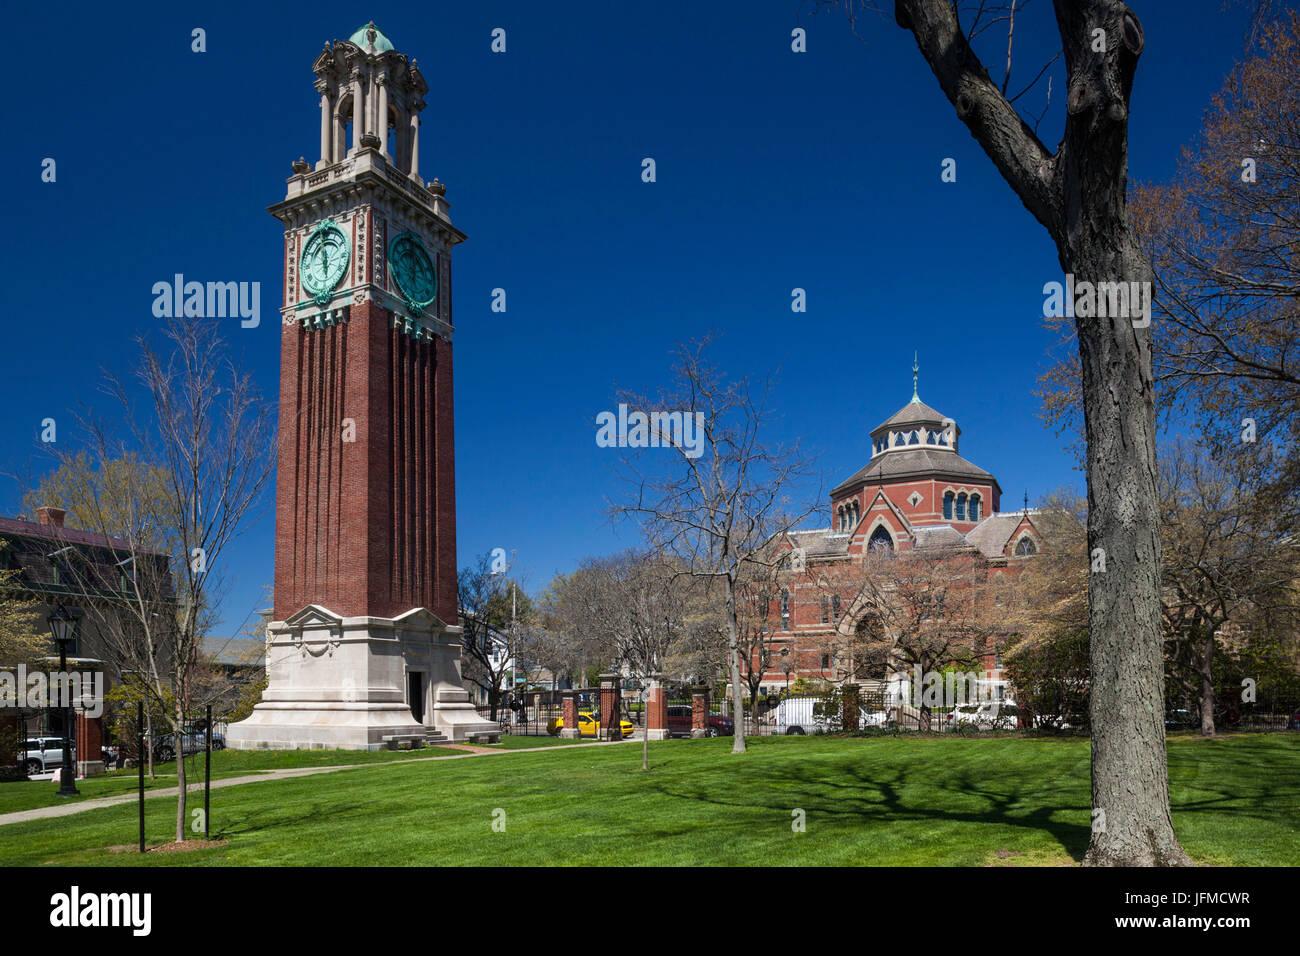 Estados Unidos, Providence, Rhode Island, la Universidad de Brown, ivy-league campus universitario y Carrie Tower Imagen De Stock